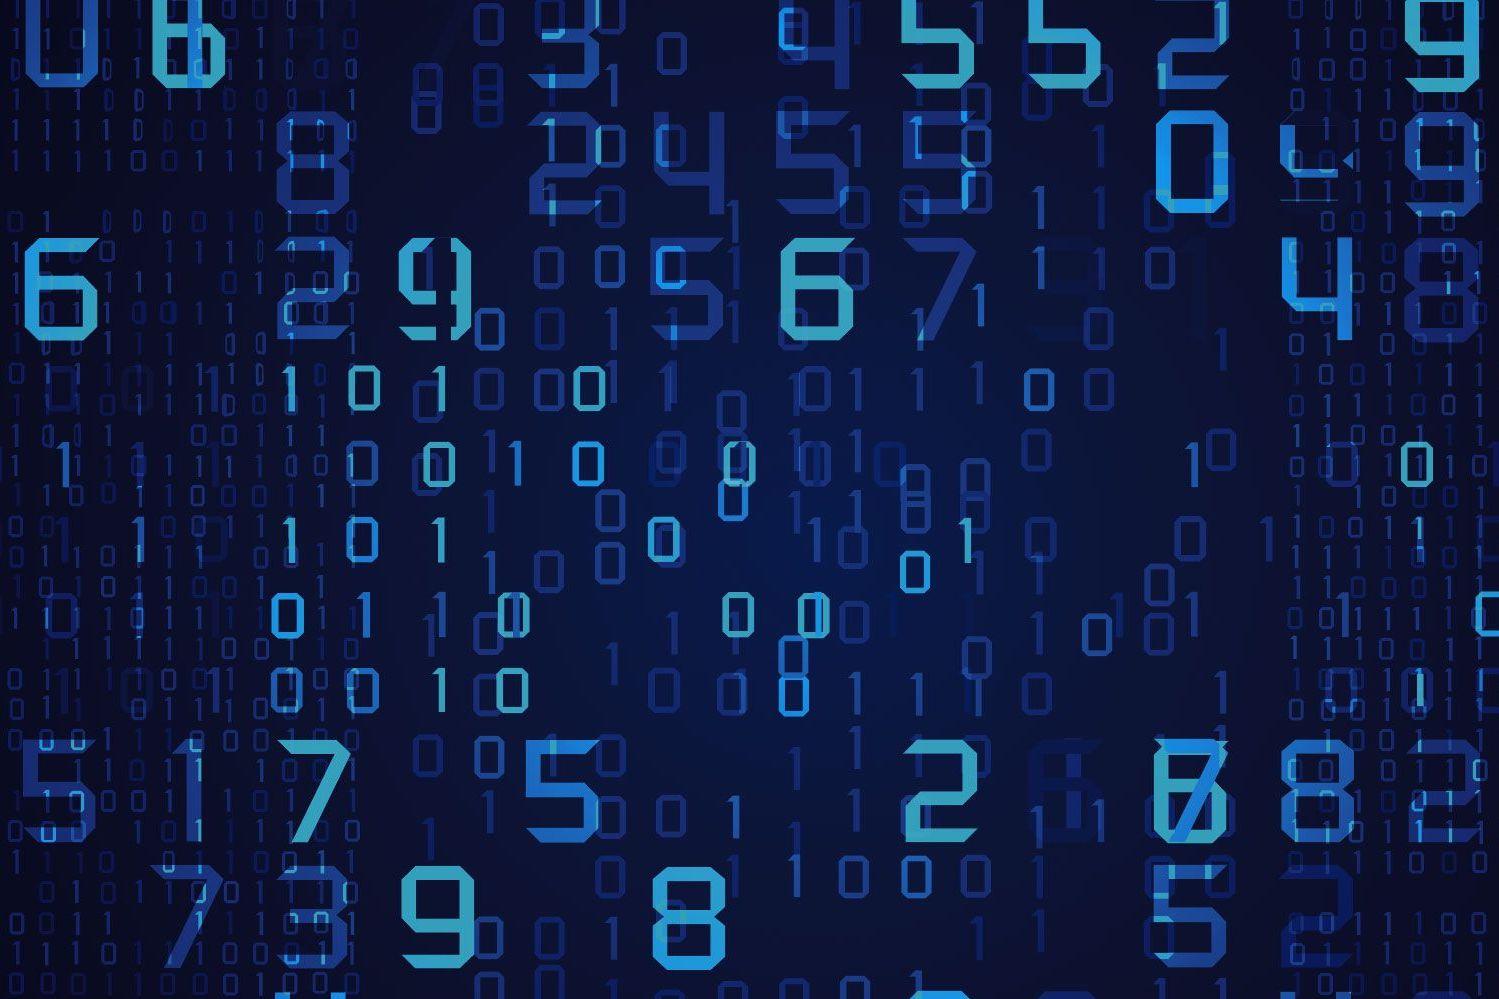 Информационная безопасность филиальной сети